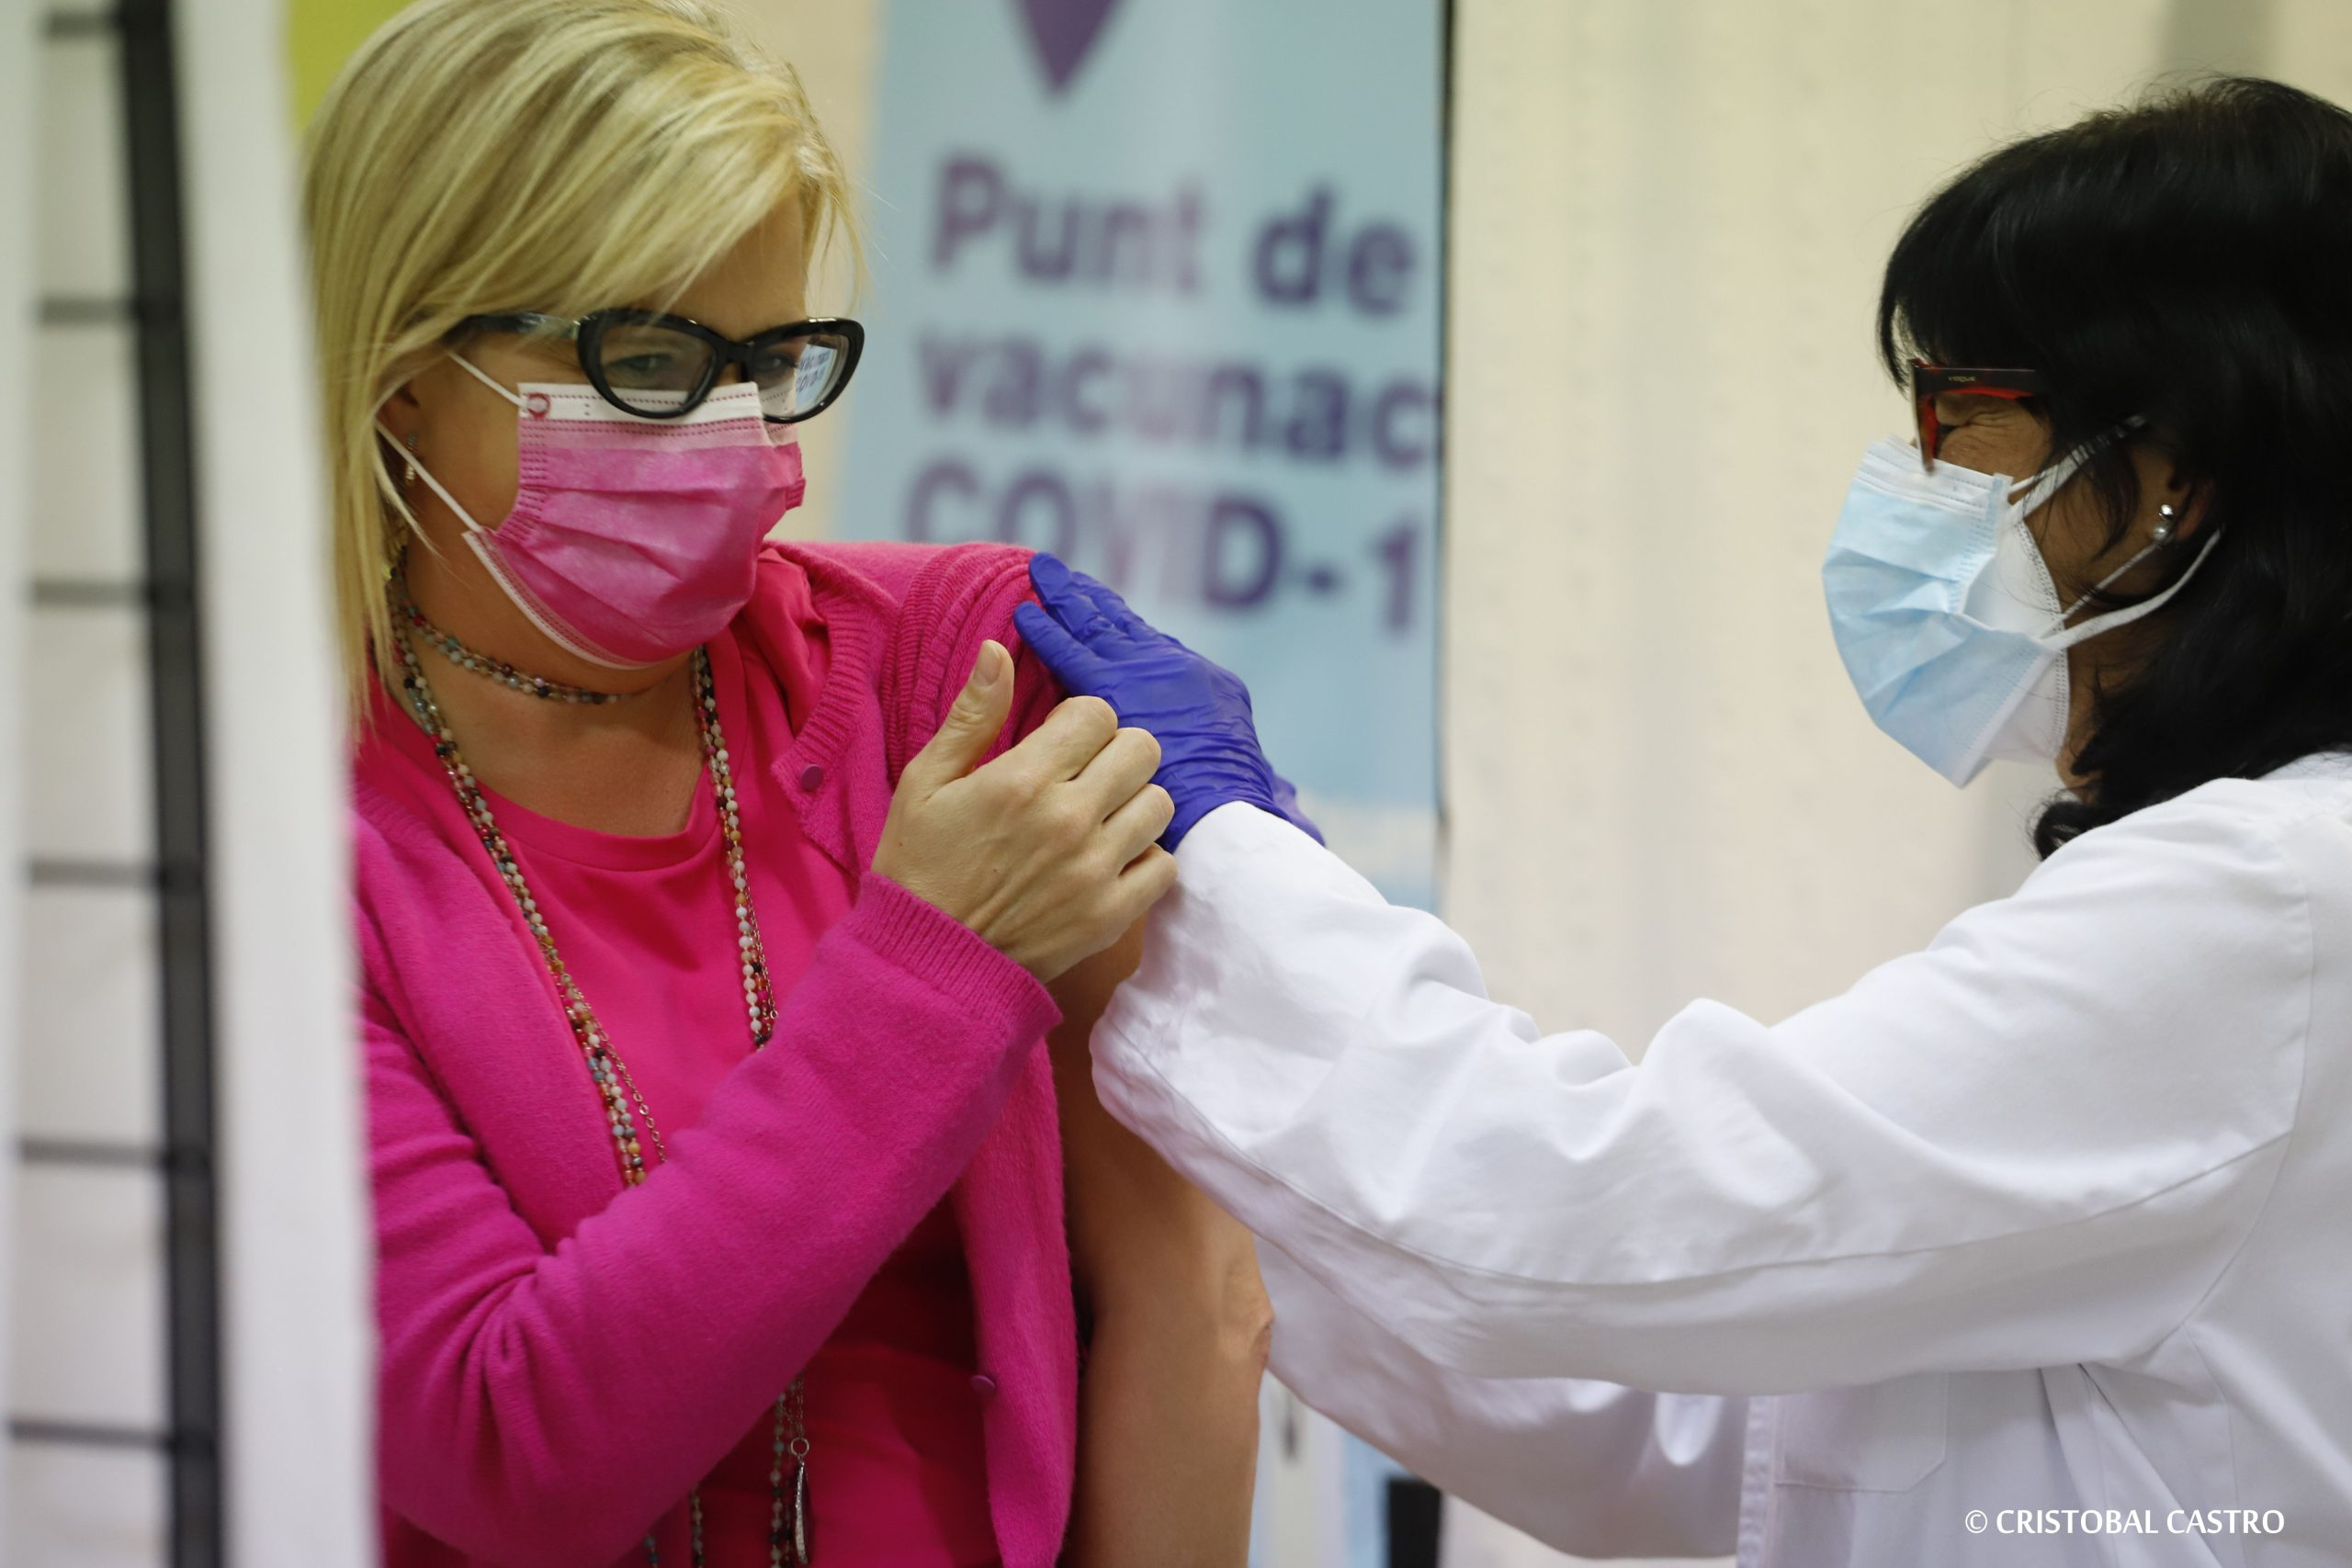 Vacunació massiva contra la Covid al Centre Cívic Montserrat Roig de Terrassa/Cristóbal Castro